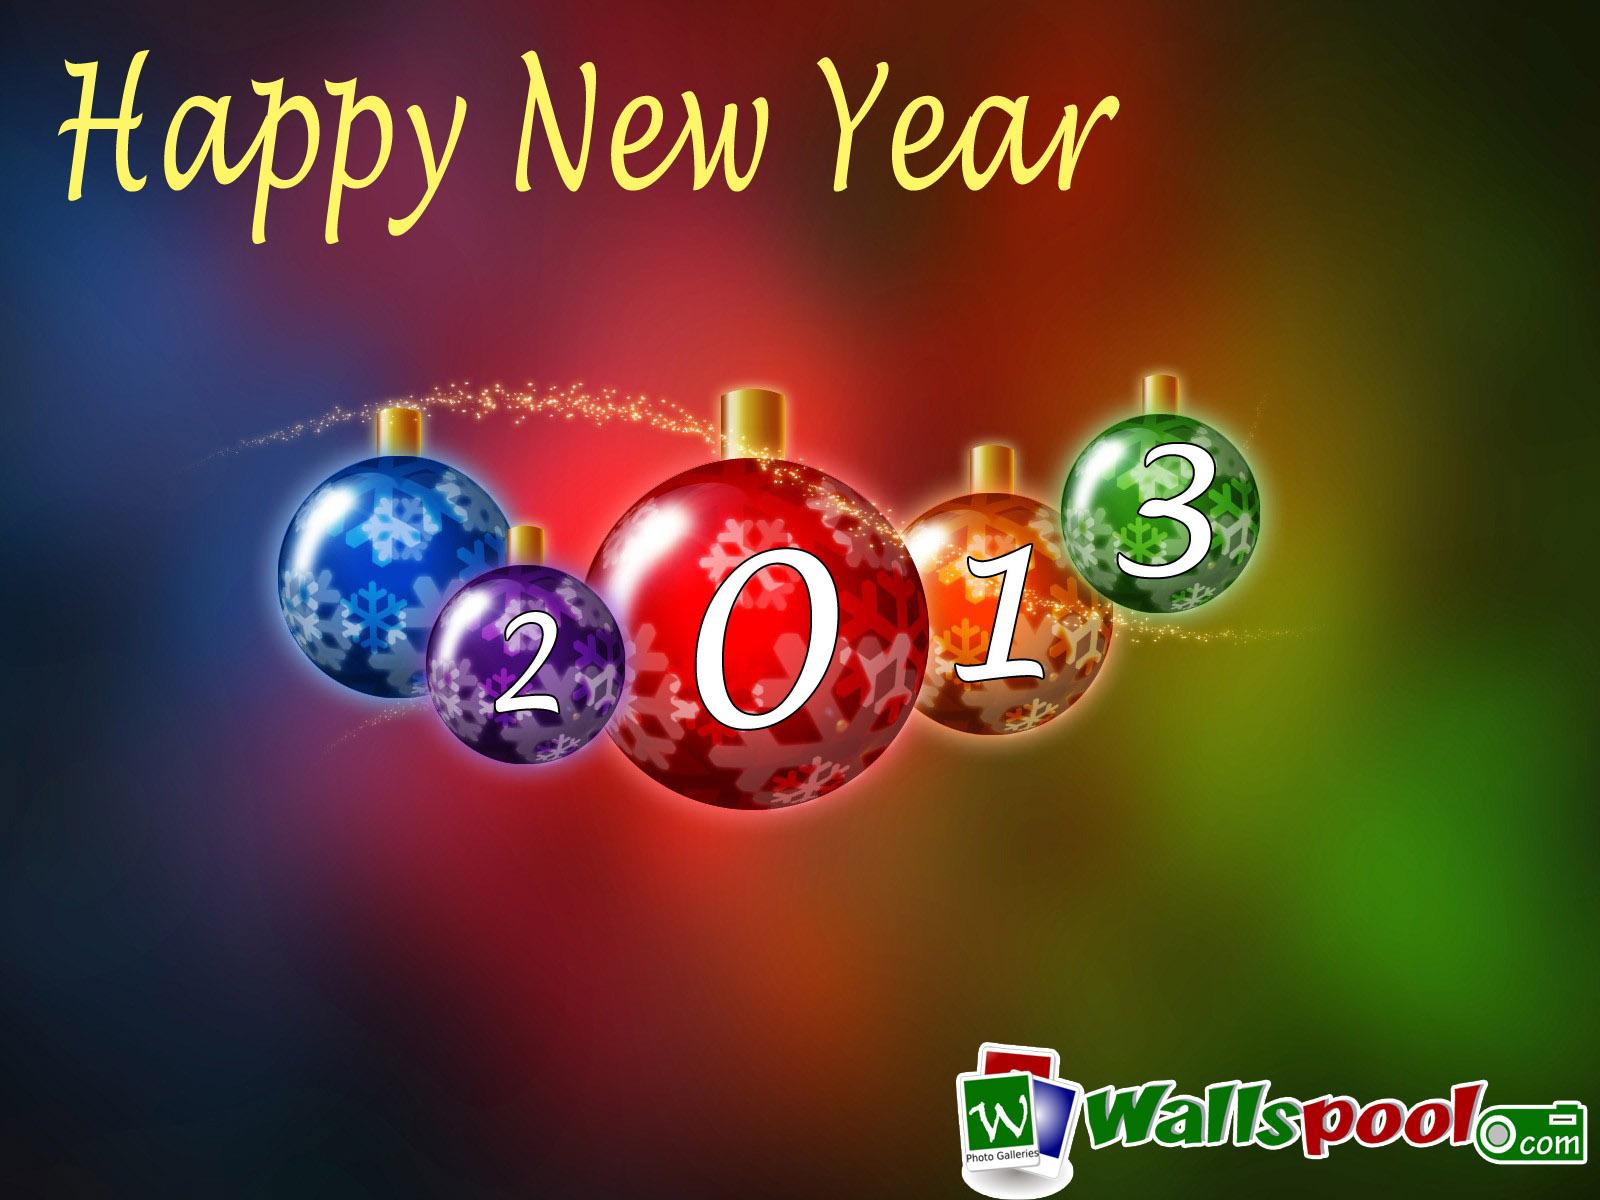 http://2.bp.blogspot.com/-i4De0ddAdzI/UMLv_TVlc8I/AAAAAAAAGgE/kdR5NmcuGz8/s1600/2013-New-Year-wallpapers.jpg